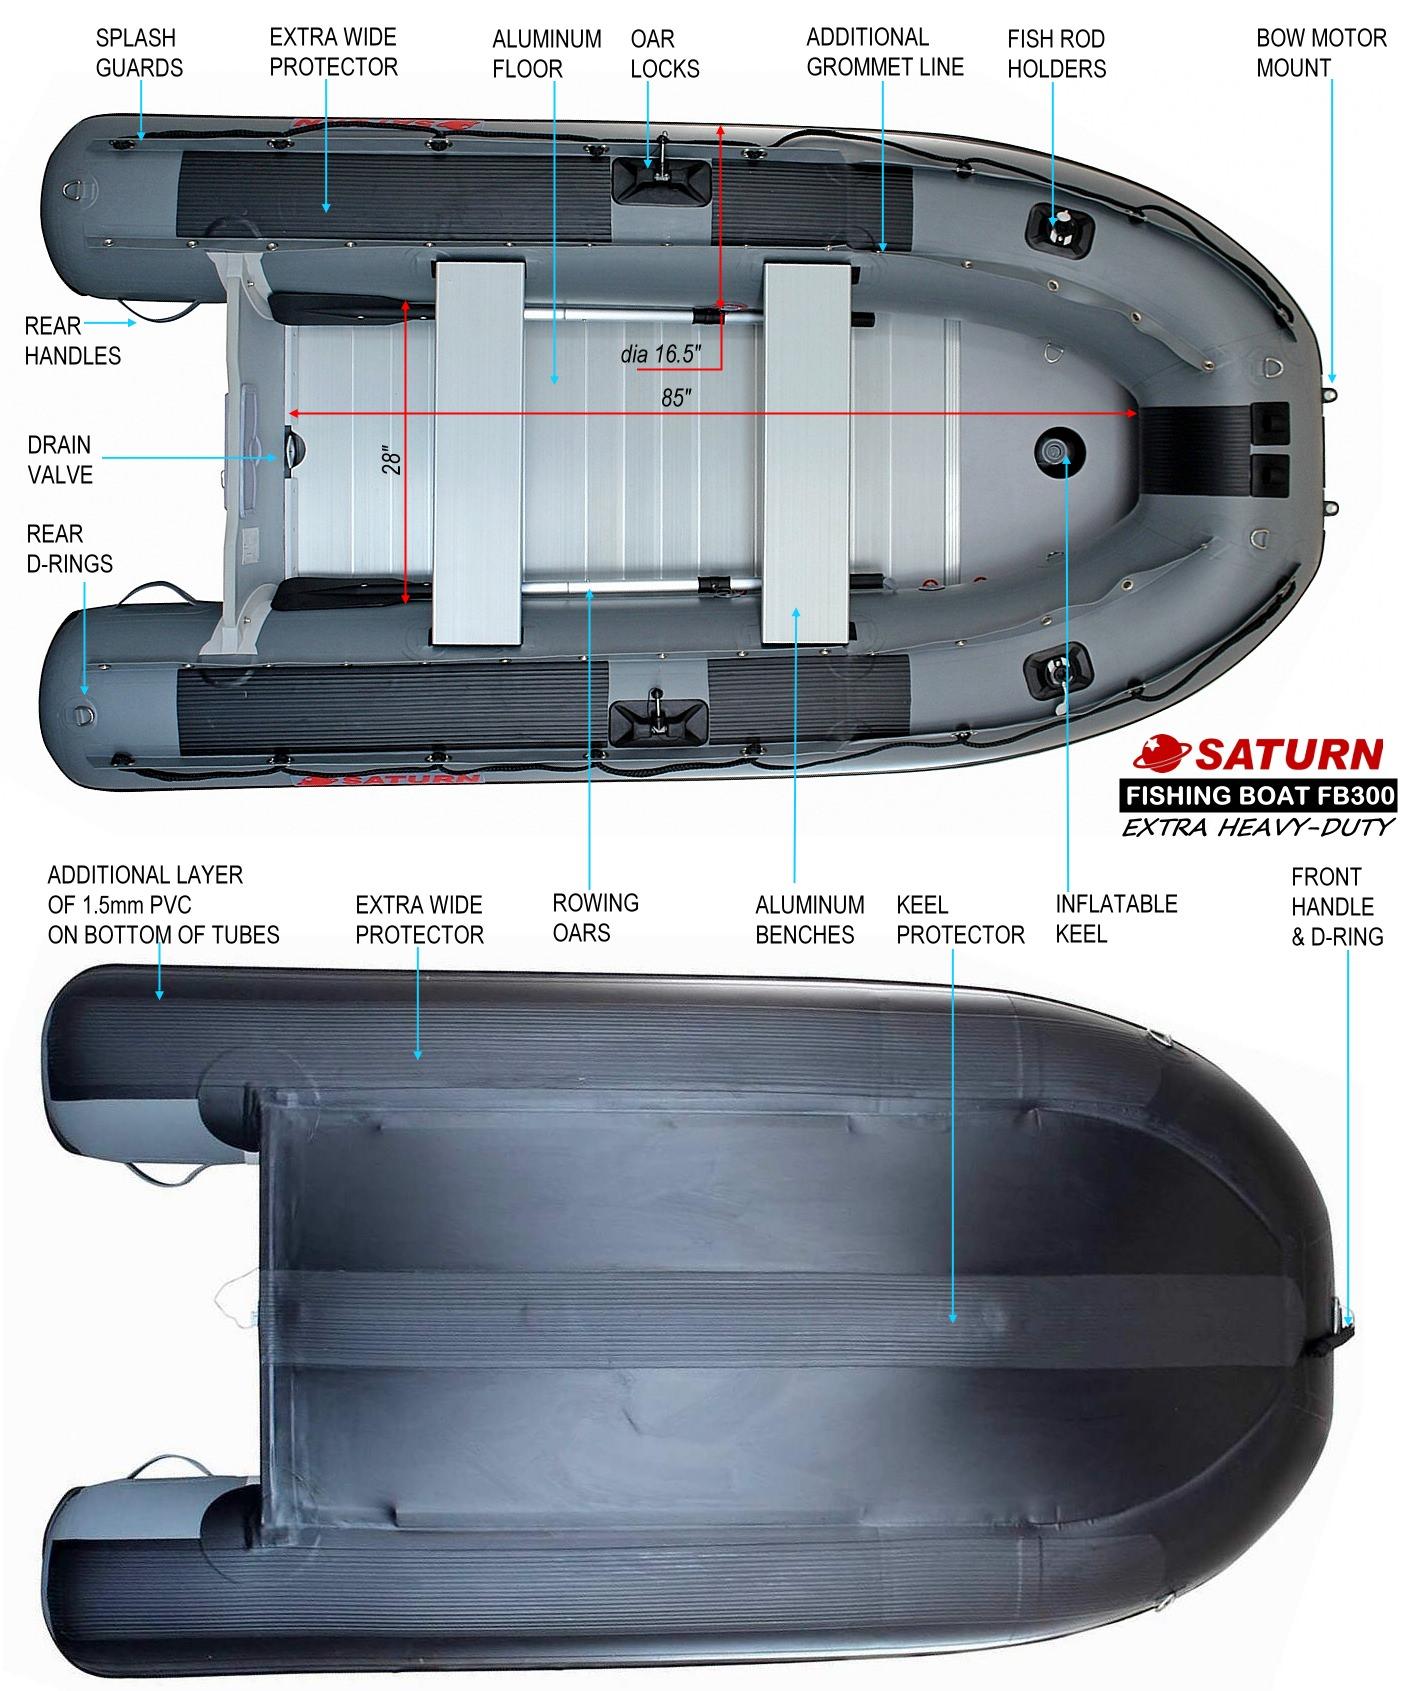 10' Saturn Fishing Boat FB300X Specs